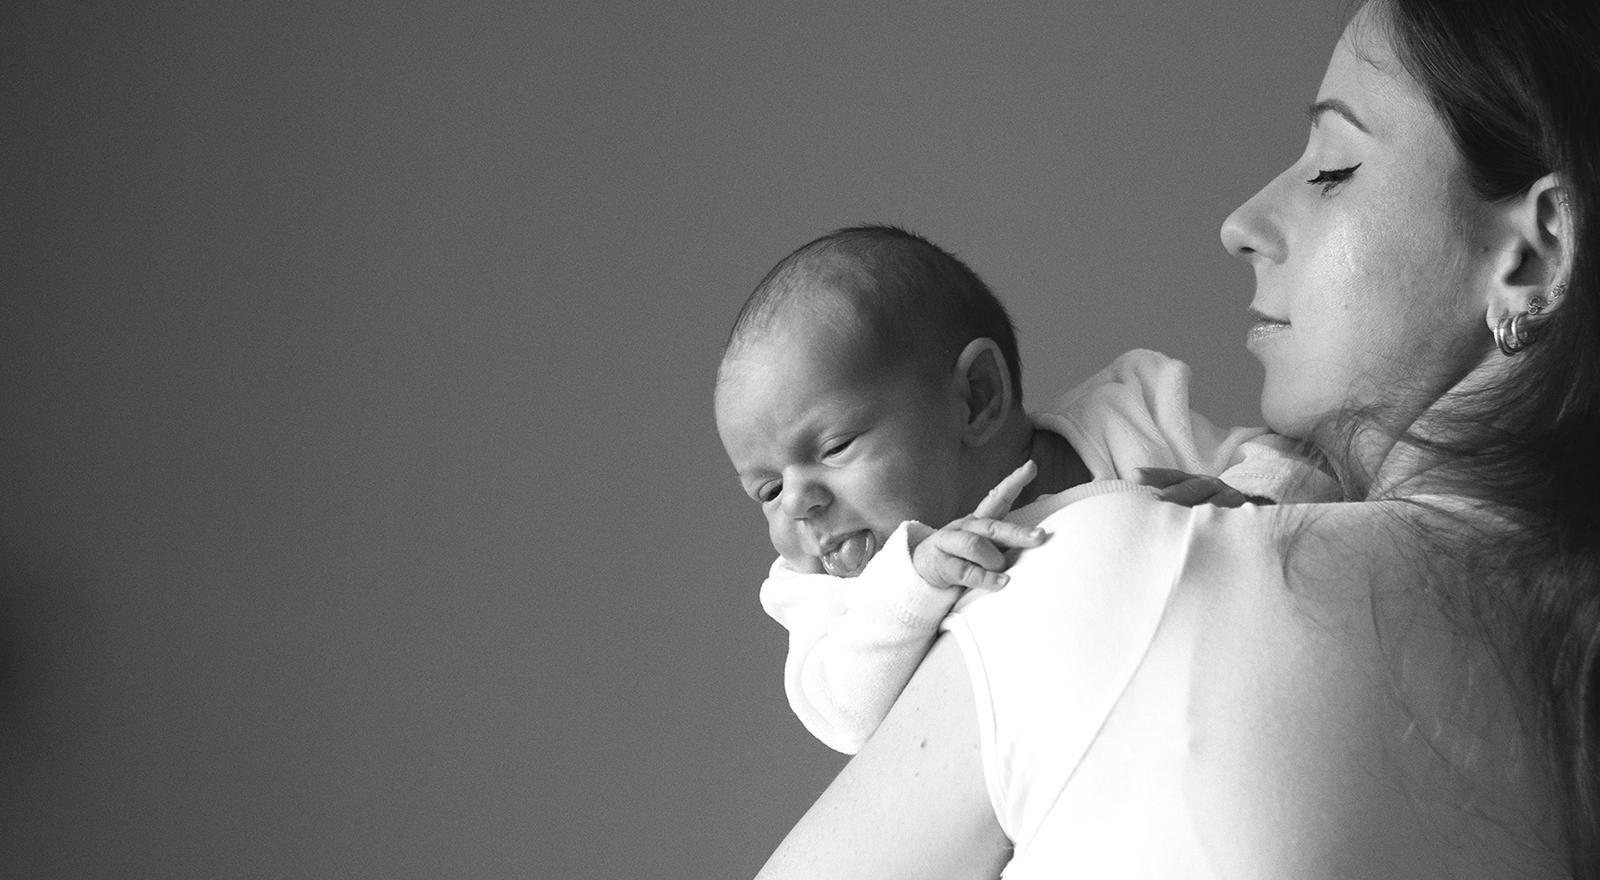 családi fotózás, babafotózás